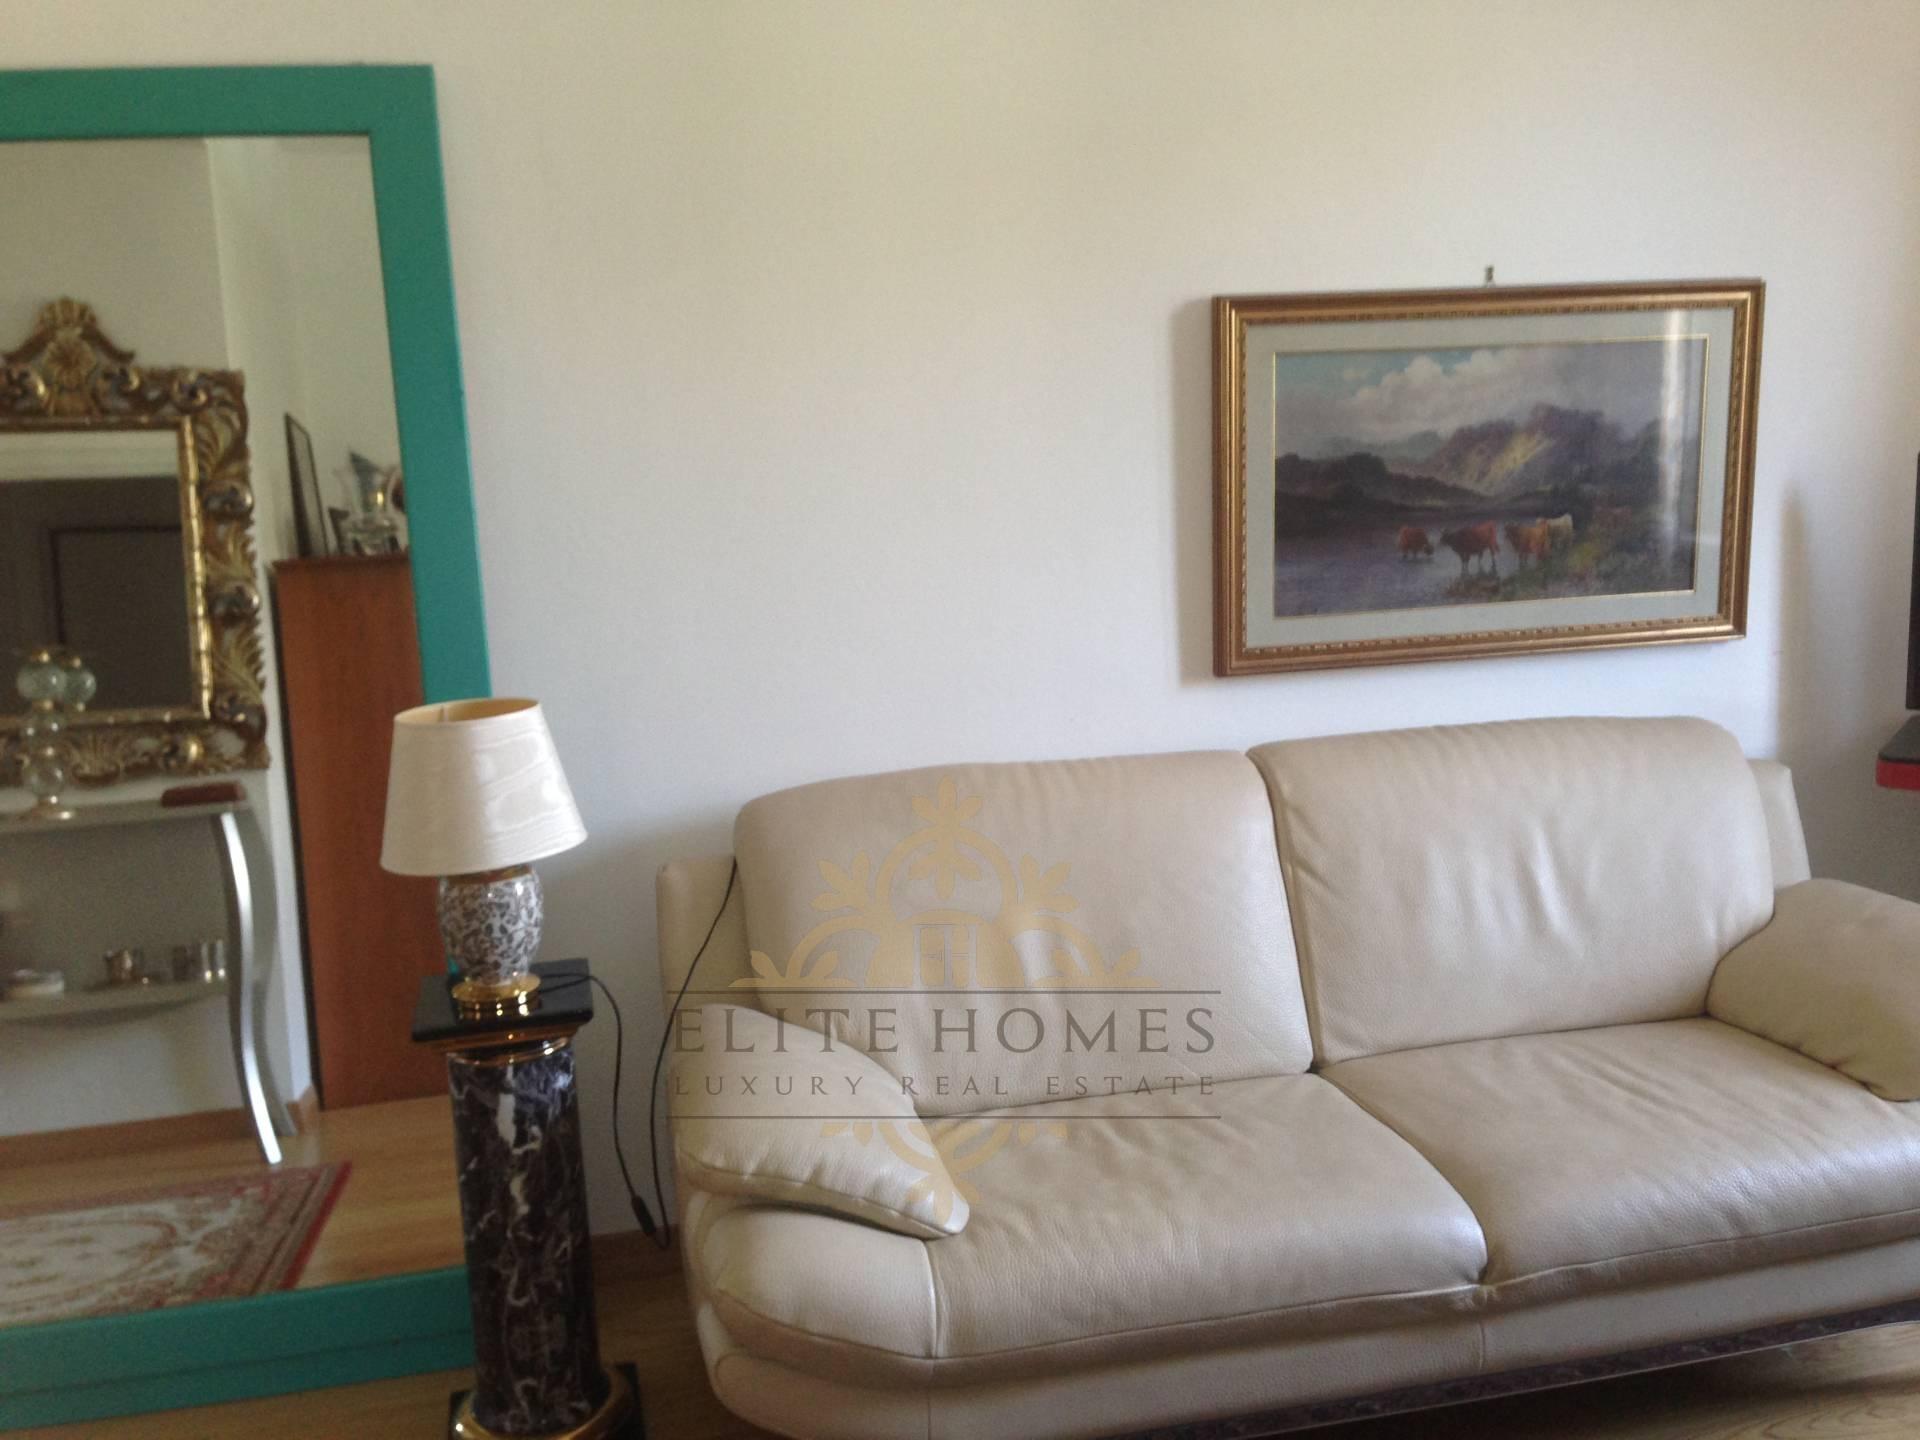 Appartamento in vendita a Verona, 2 locali, zona Zona: 1 . ZTL - Piazza Cittadella - San Zeno - Stadio, prezzo € 75.000 | Cambio Casa.it